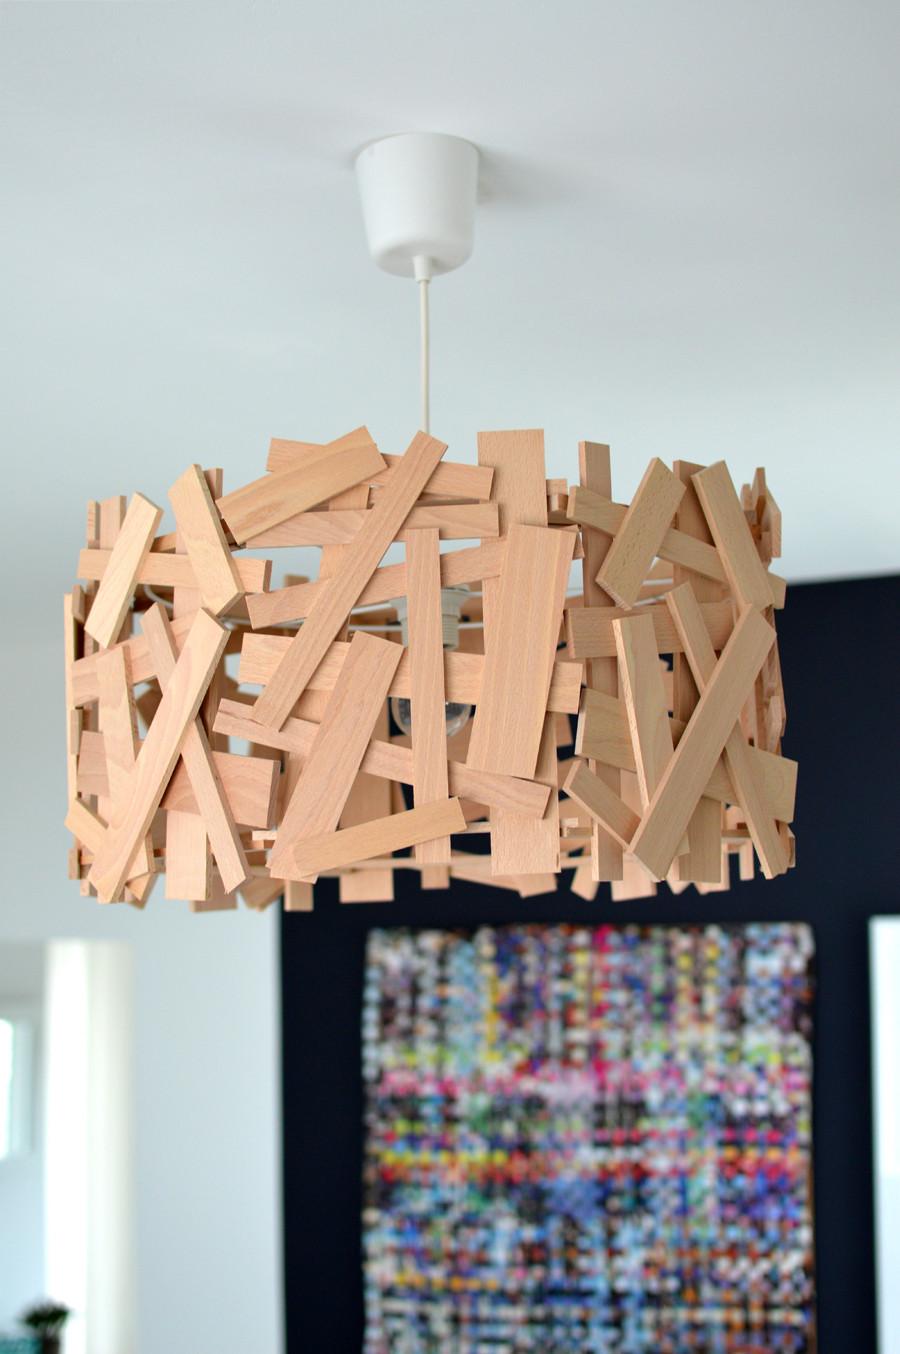 Lampe Diy  Von der DIY Idee zur professionellen Lampe